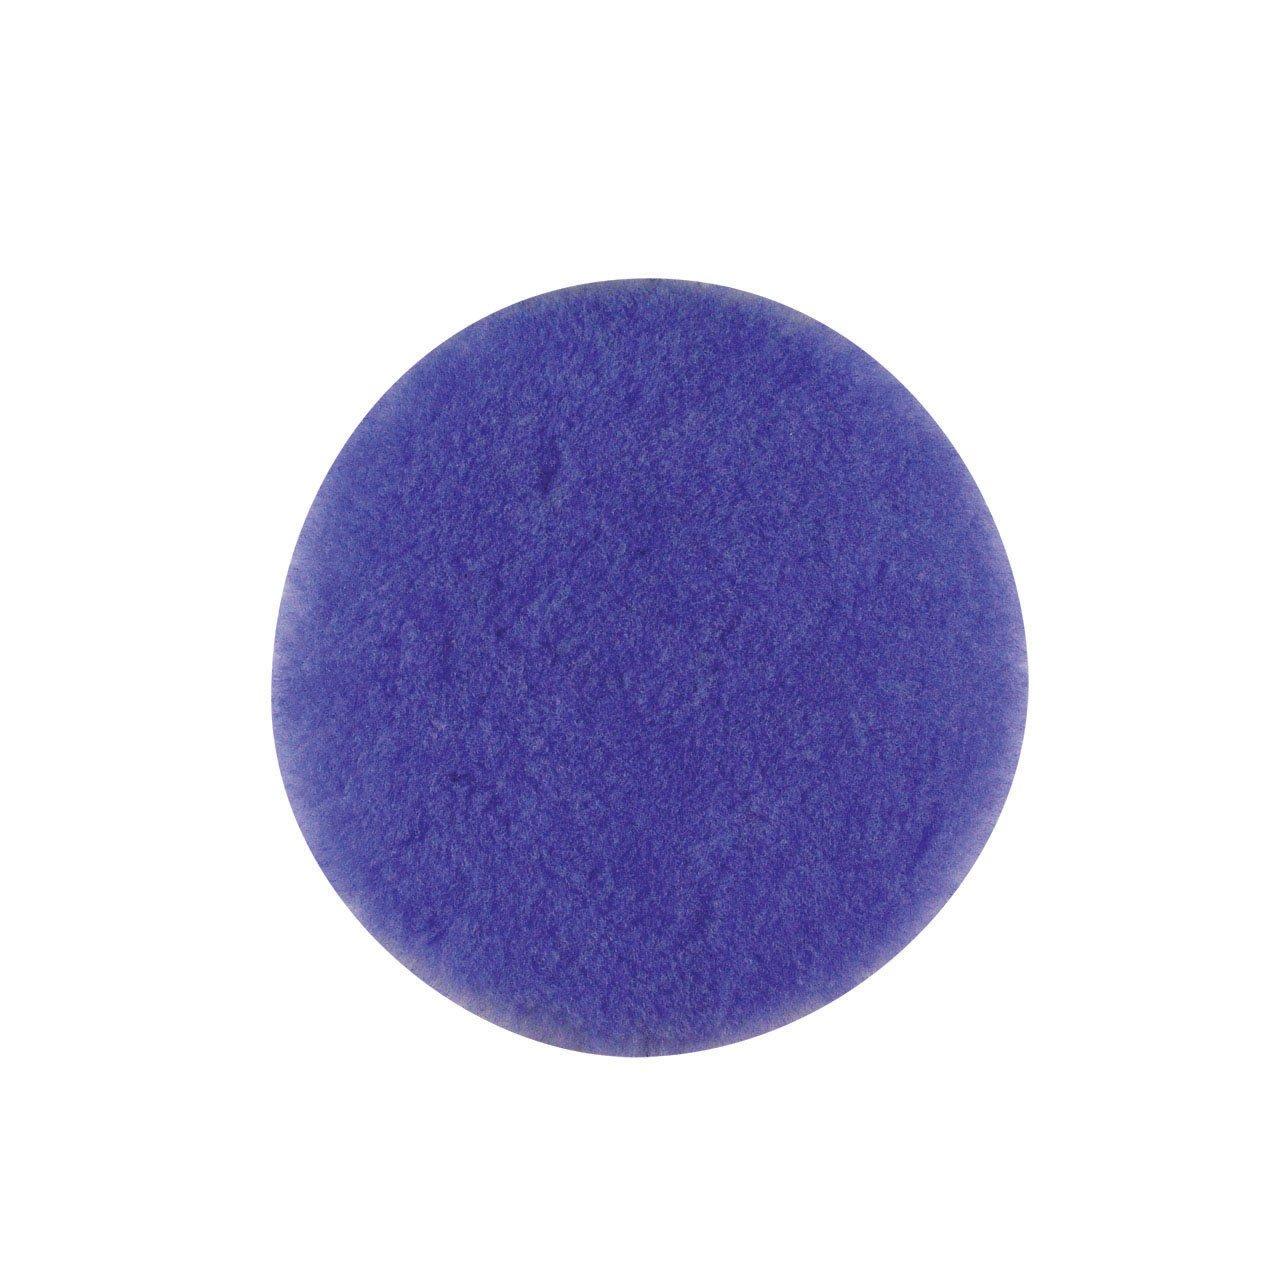 Foamed Wool Buffing Pad